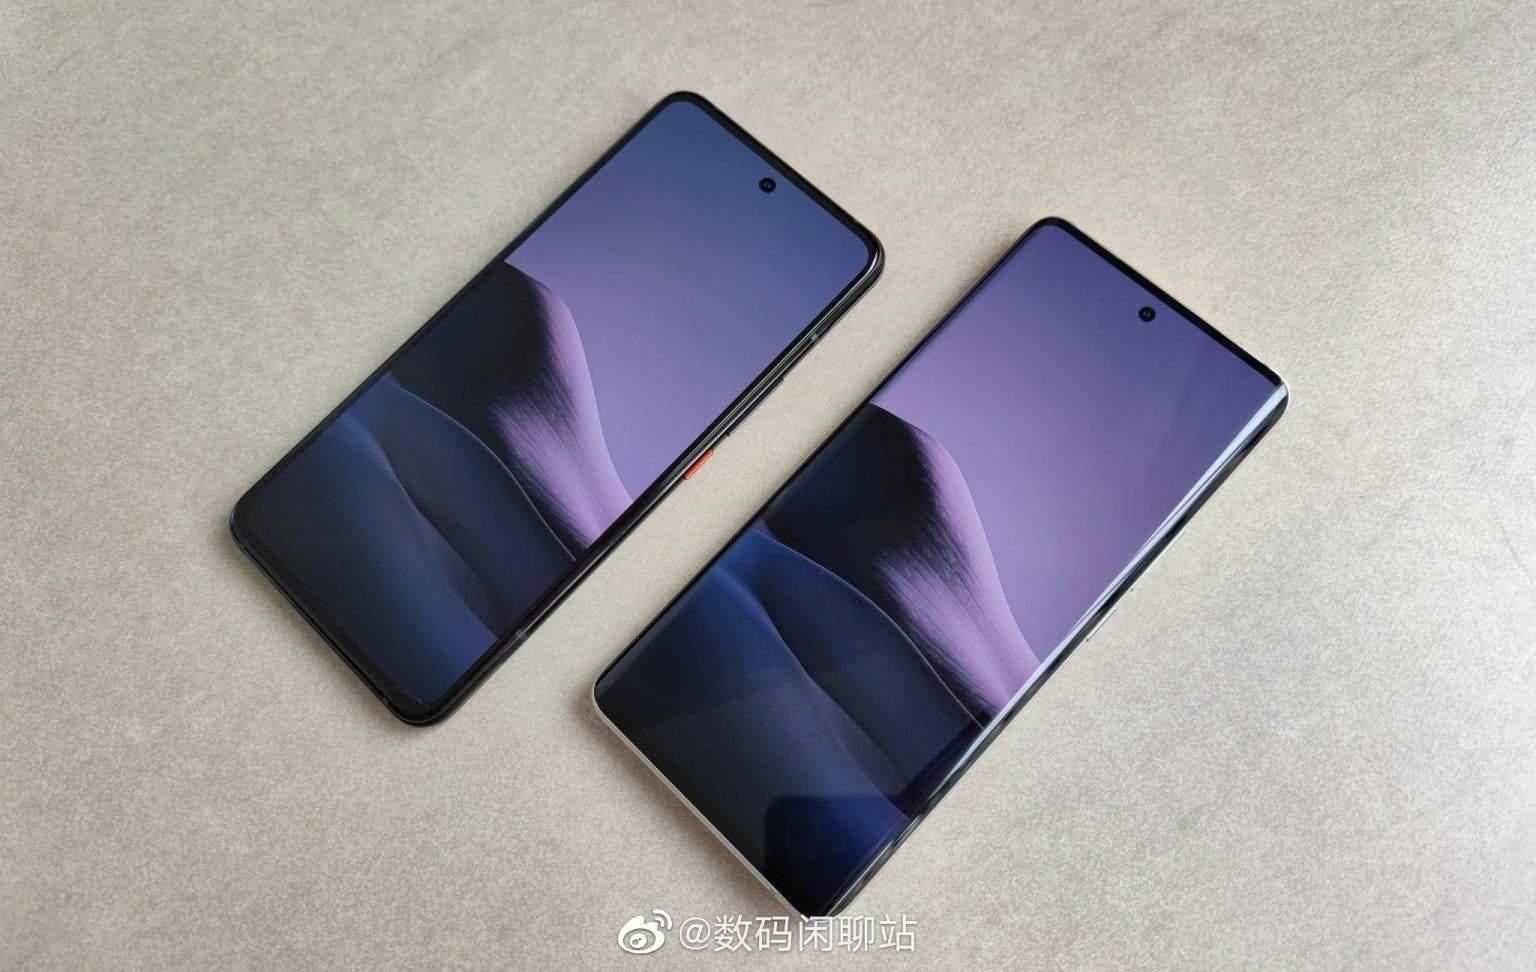 Смартфон Xiaomi Mi 11 Pro поступит с дисплеем 3200 x 1440 пикселей (EmhTtOgWEAErtu1 1536x972 2)